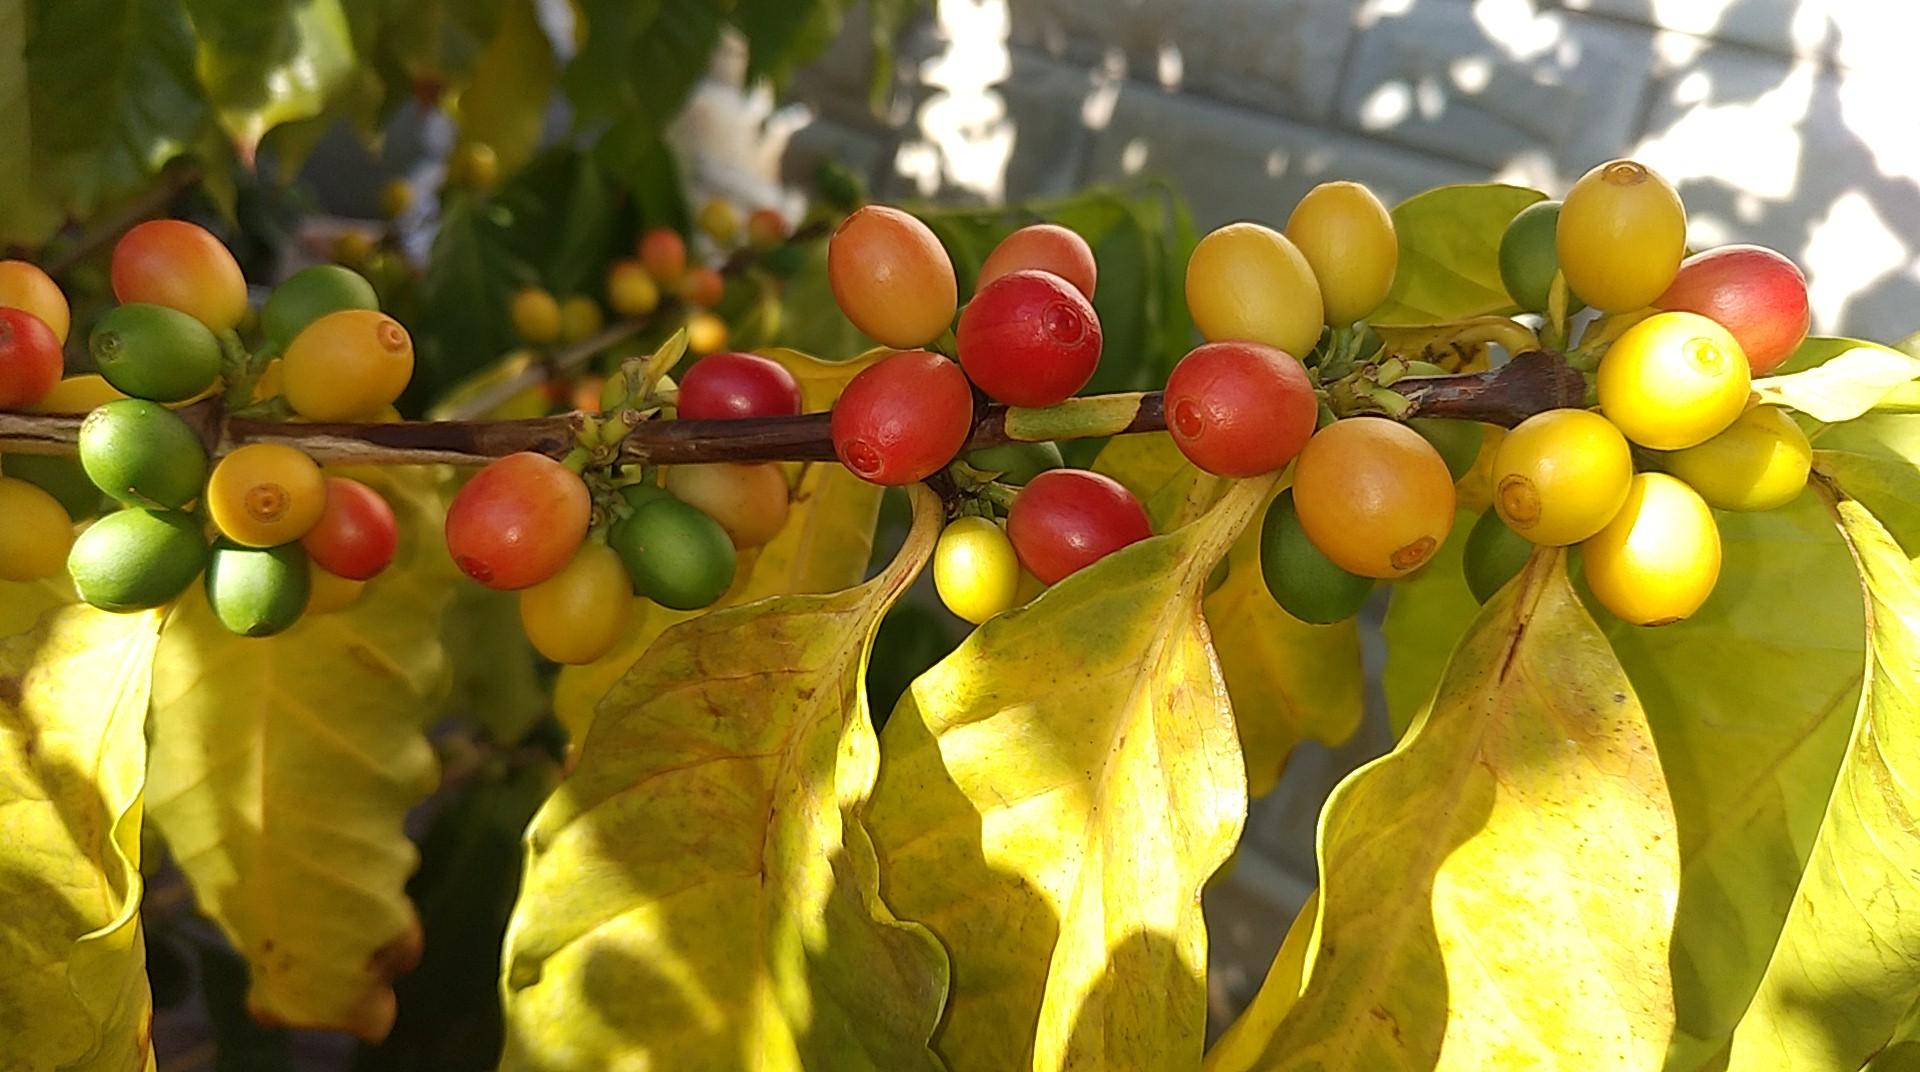 コーヒーの木の葉が黄色くなる